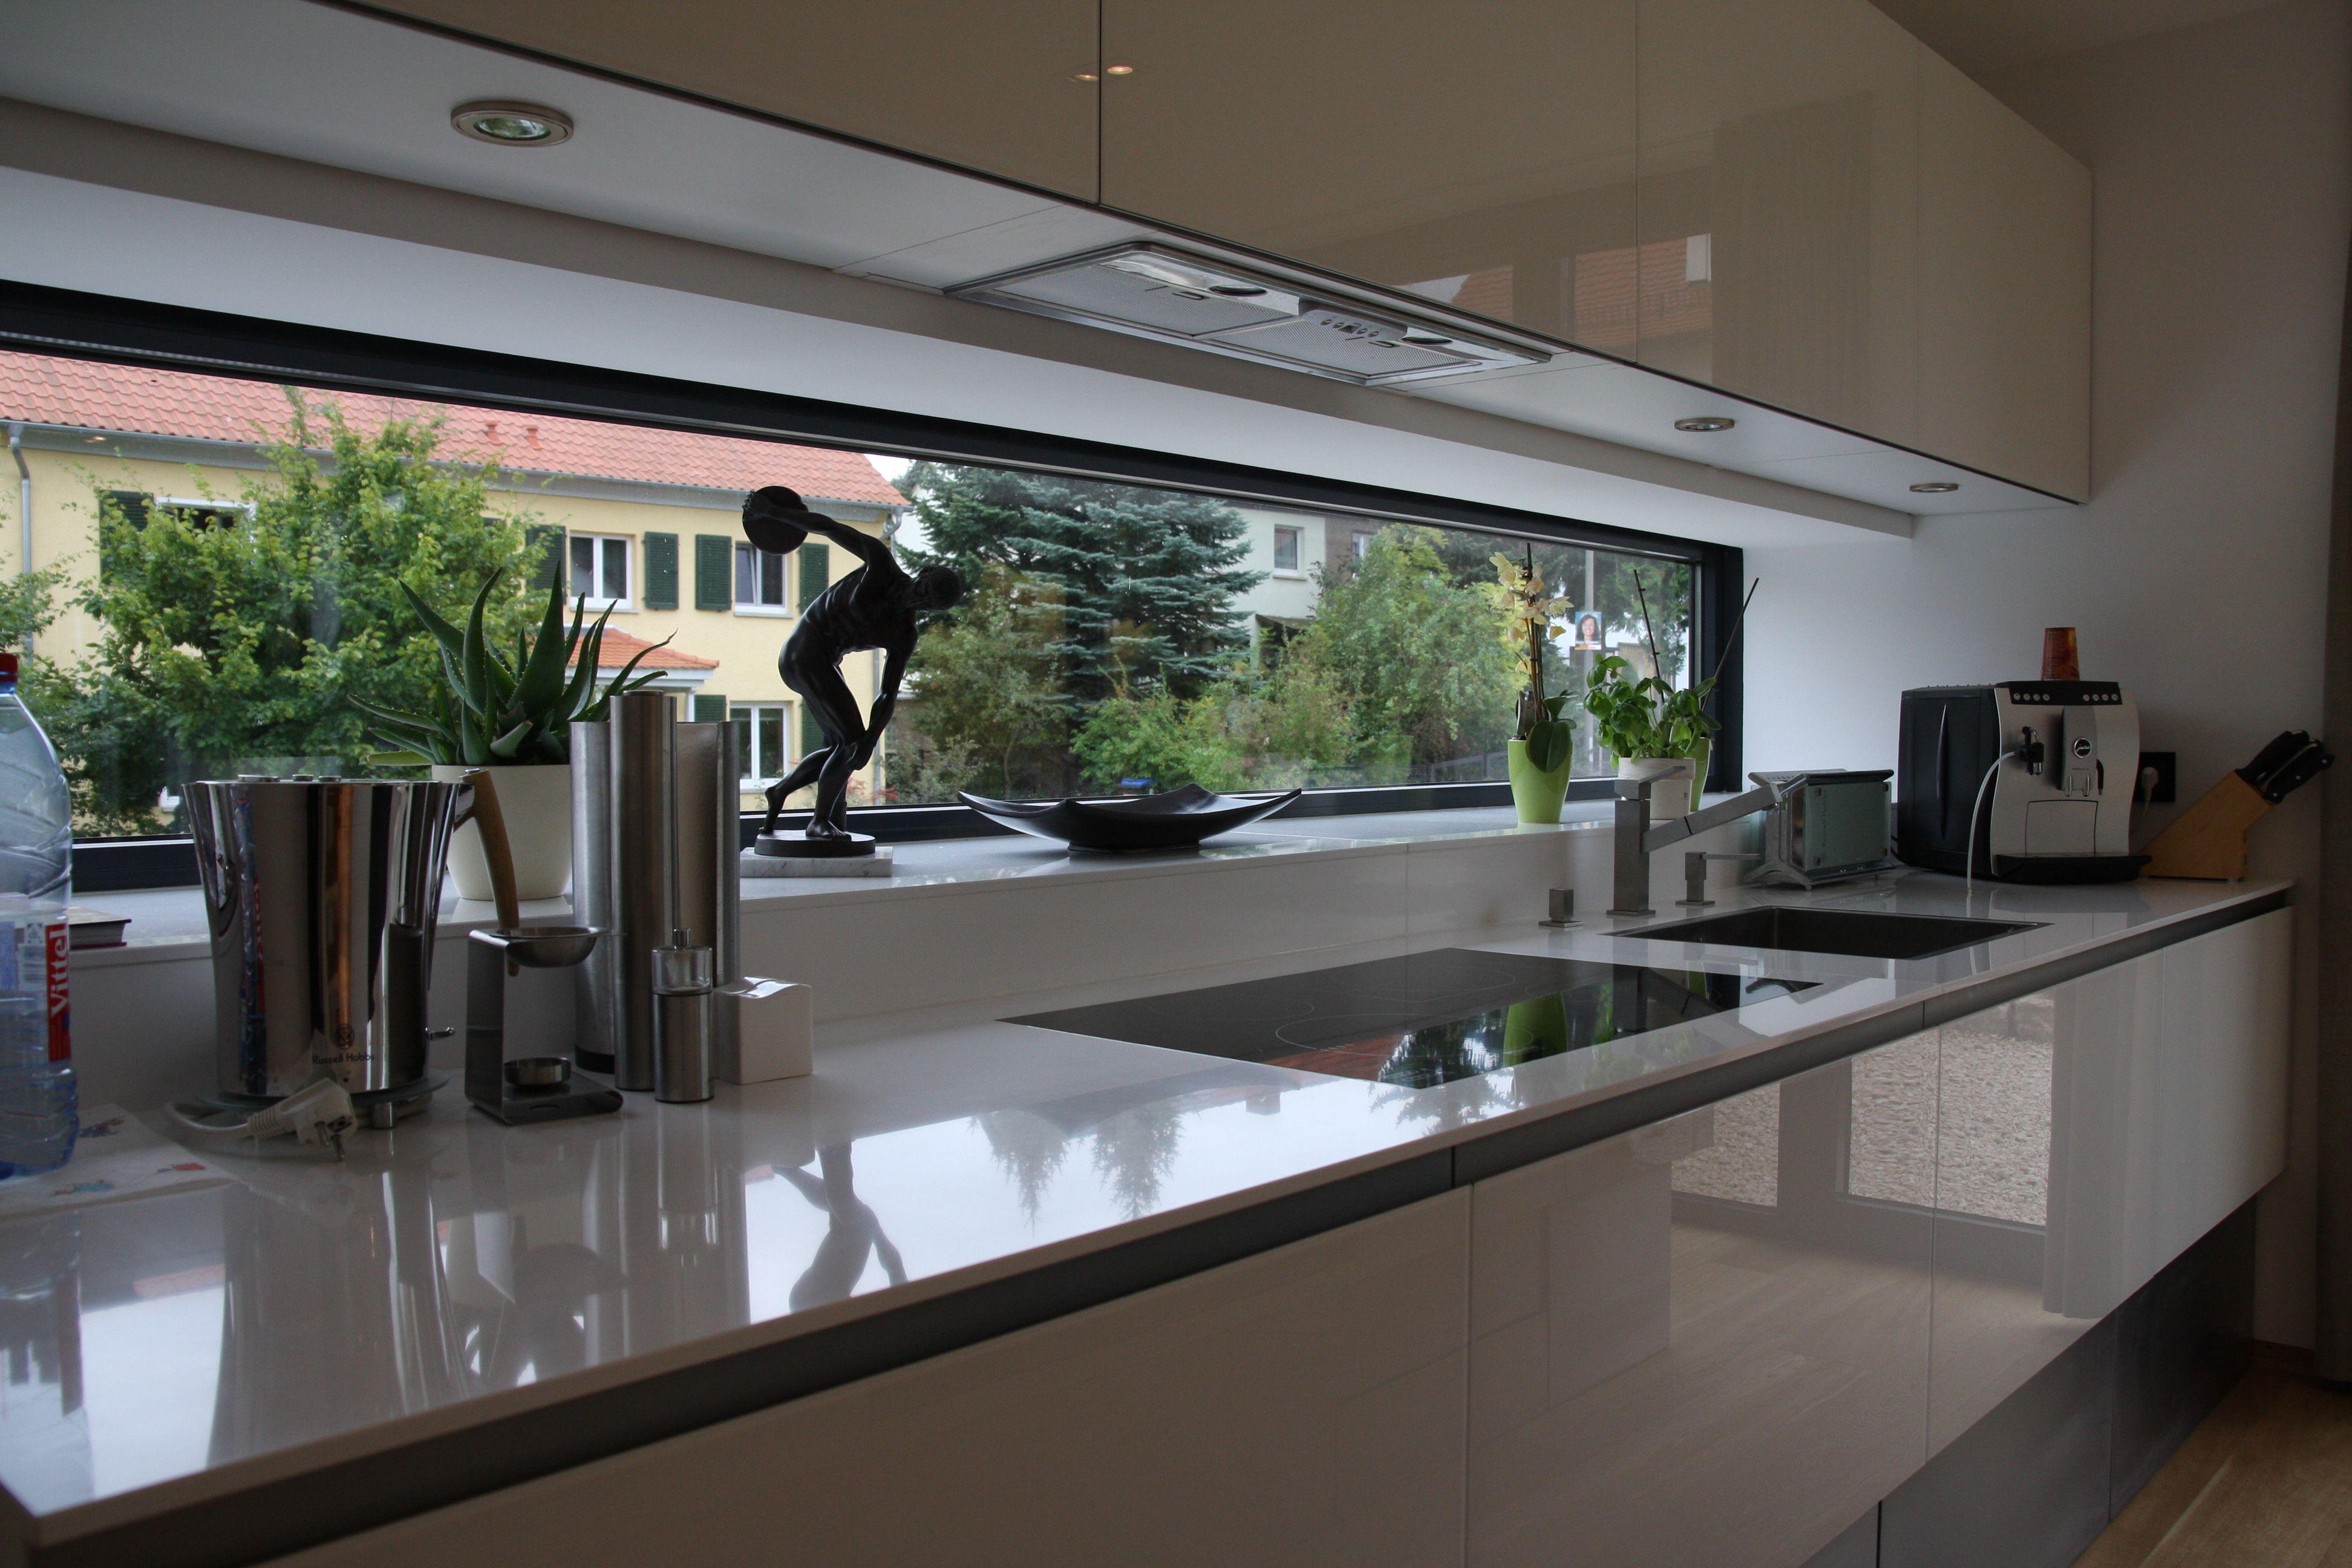 Outdoorküche Deko Dapur : Küche im erdgeschoss stylish home pinterest erdgeschoss küche